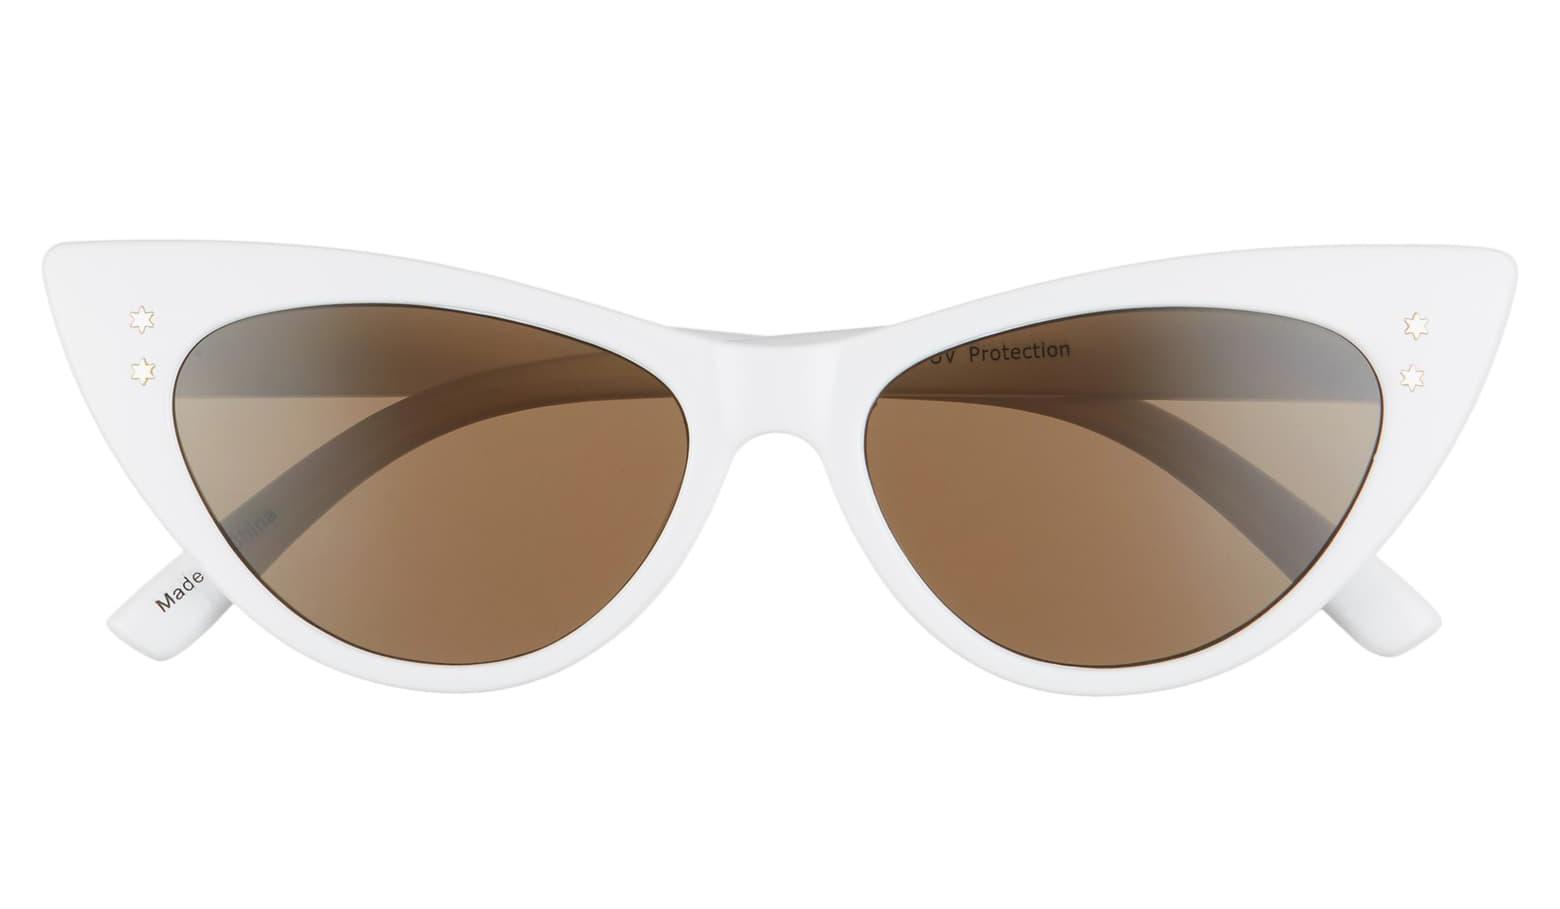 BP. 53mm Cat Eye Sunglasses | Cat eye sunglasses, Round